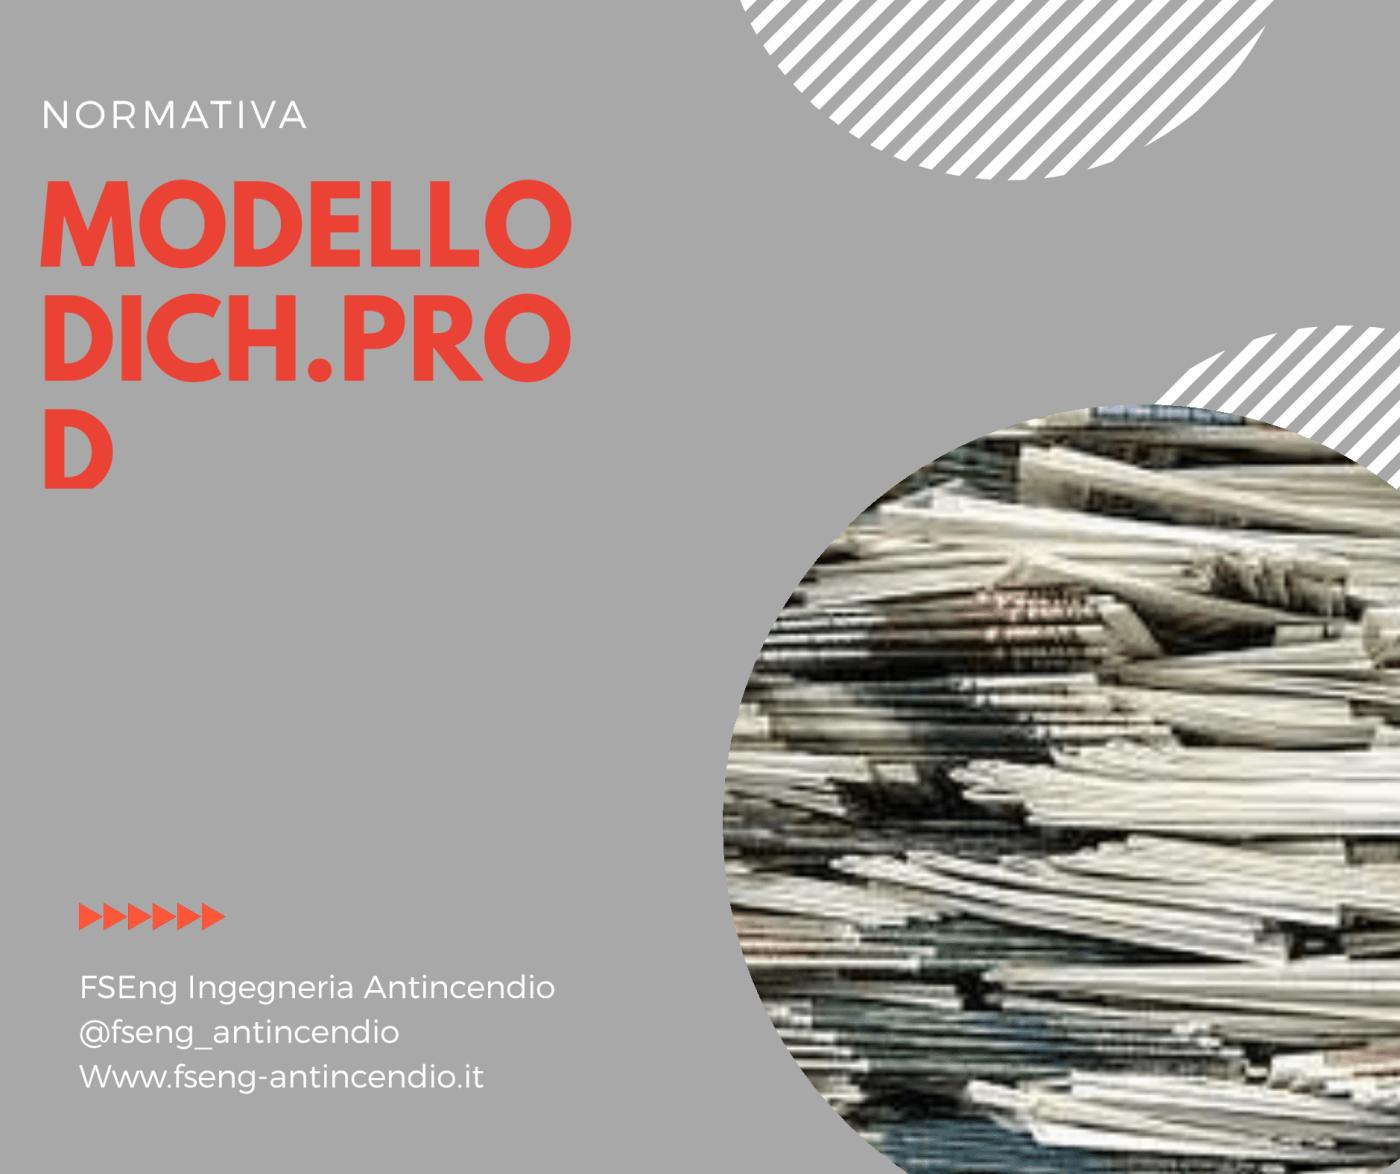 Il modello DICH.PROD e il benestare tecnico europeo